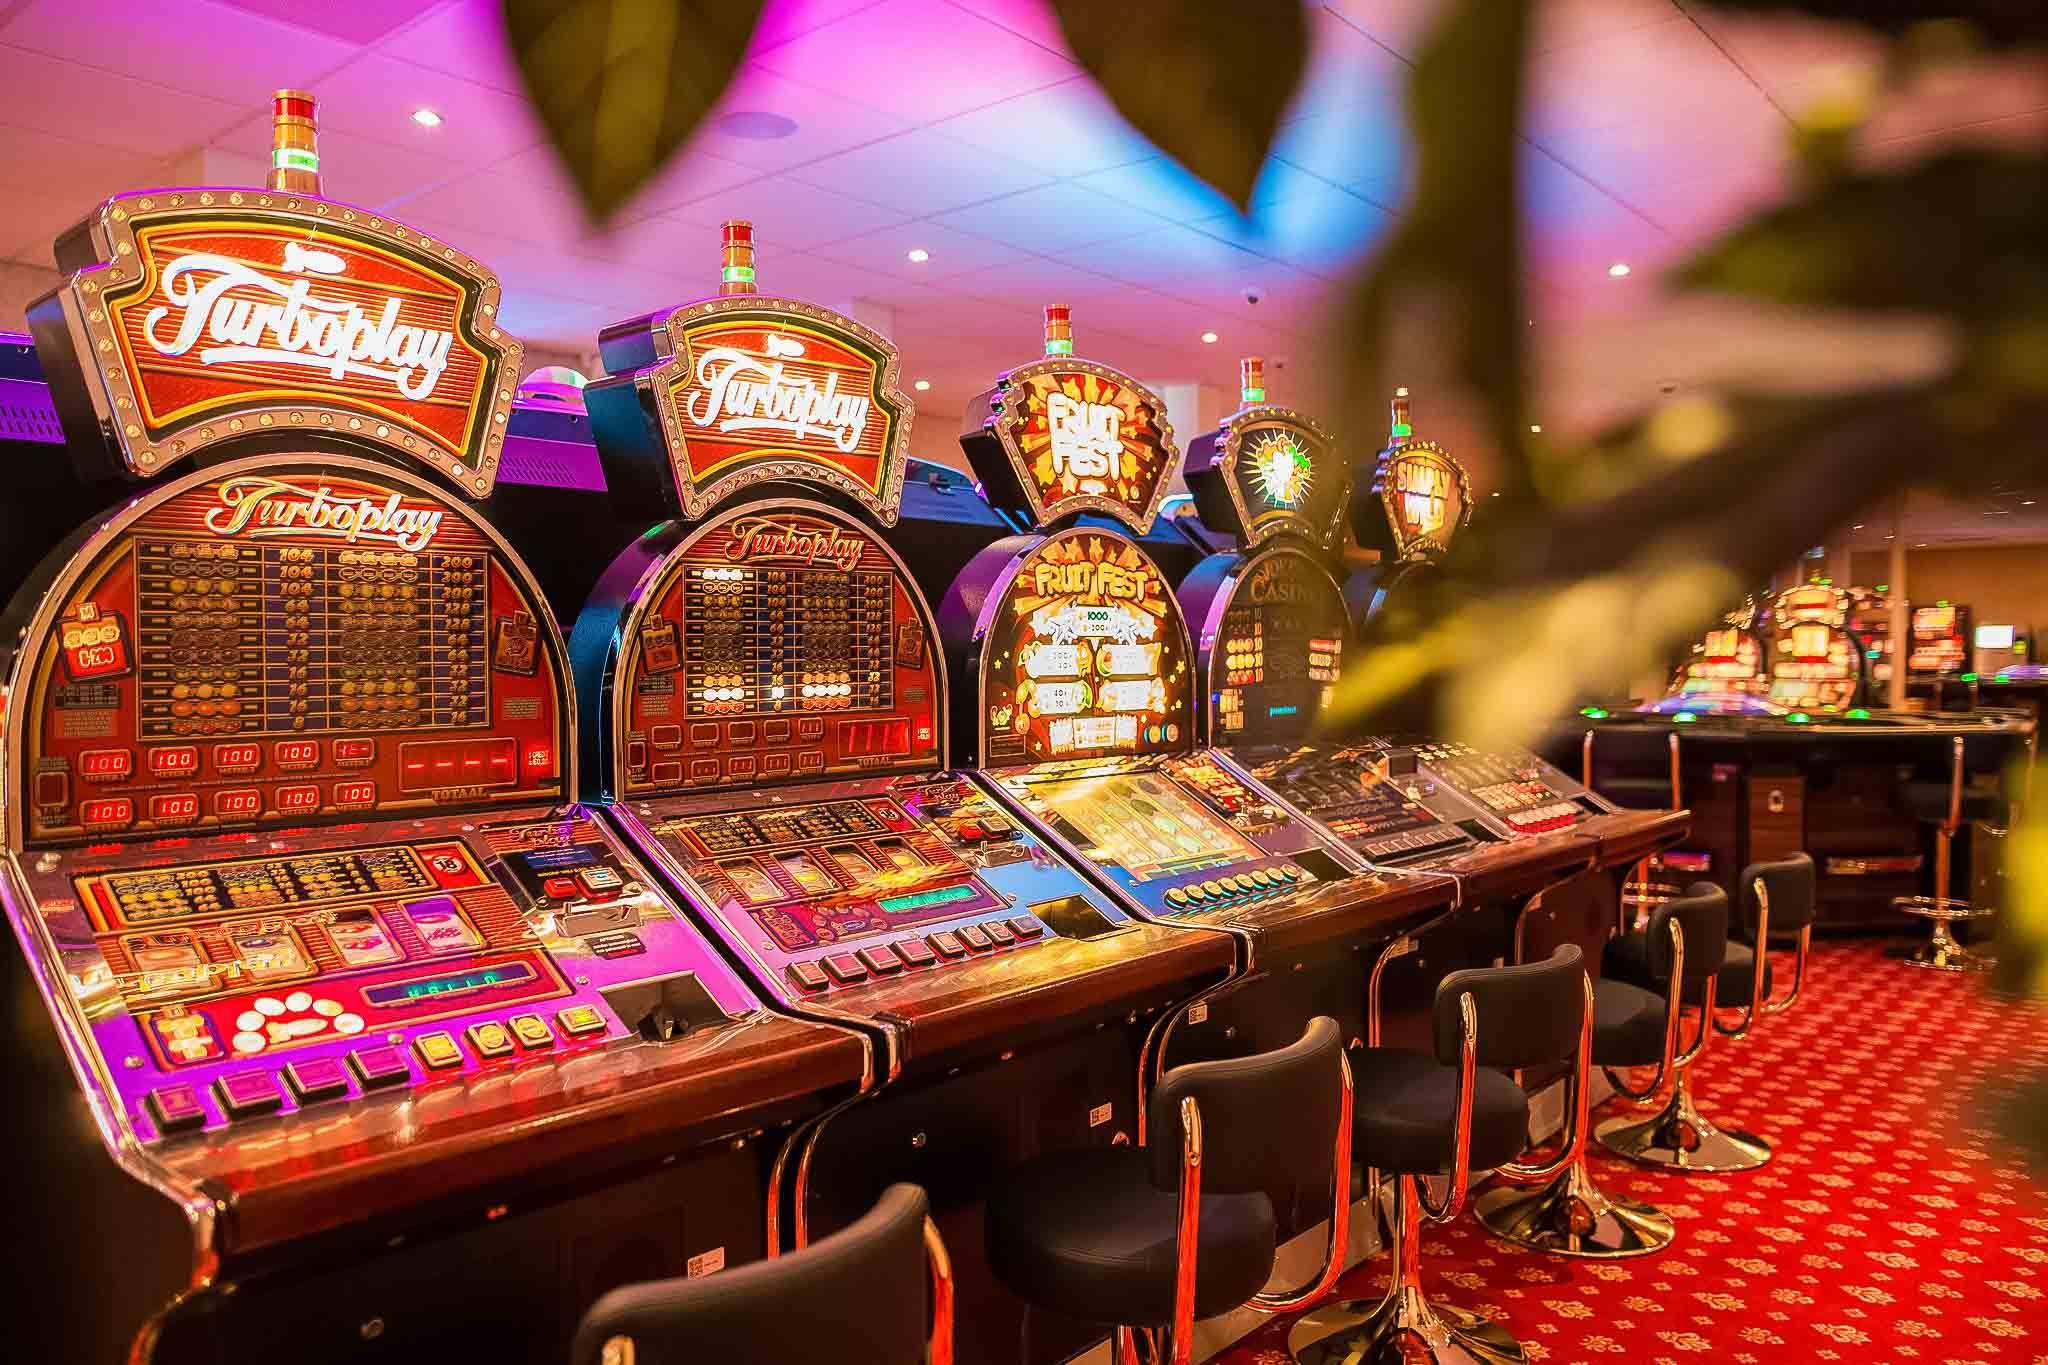 Игровой автомат в казино игры скачать бесплатно без регистрации автоматы игровые